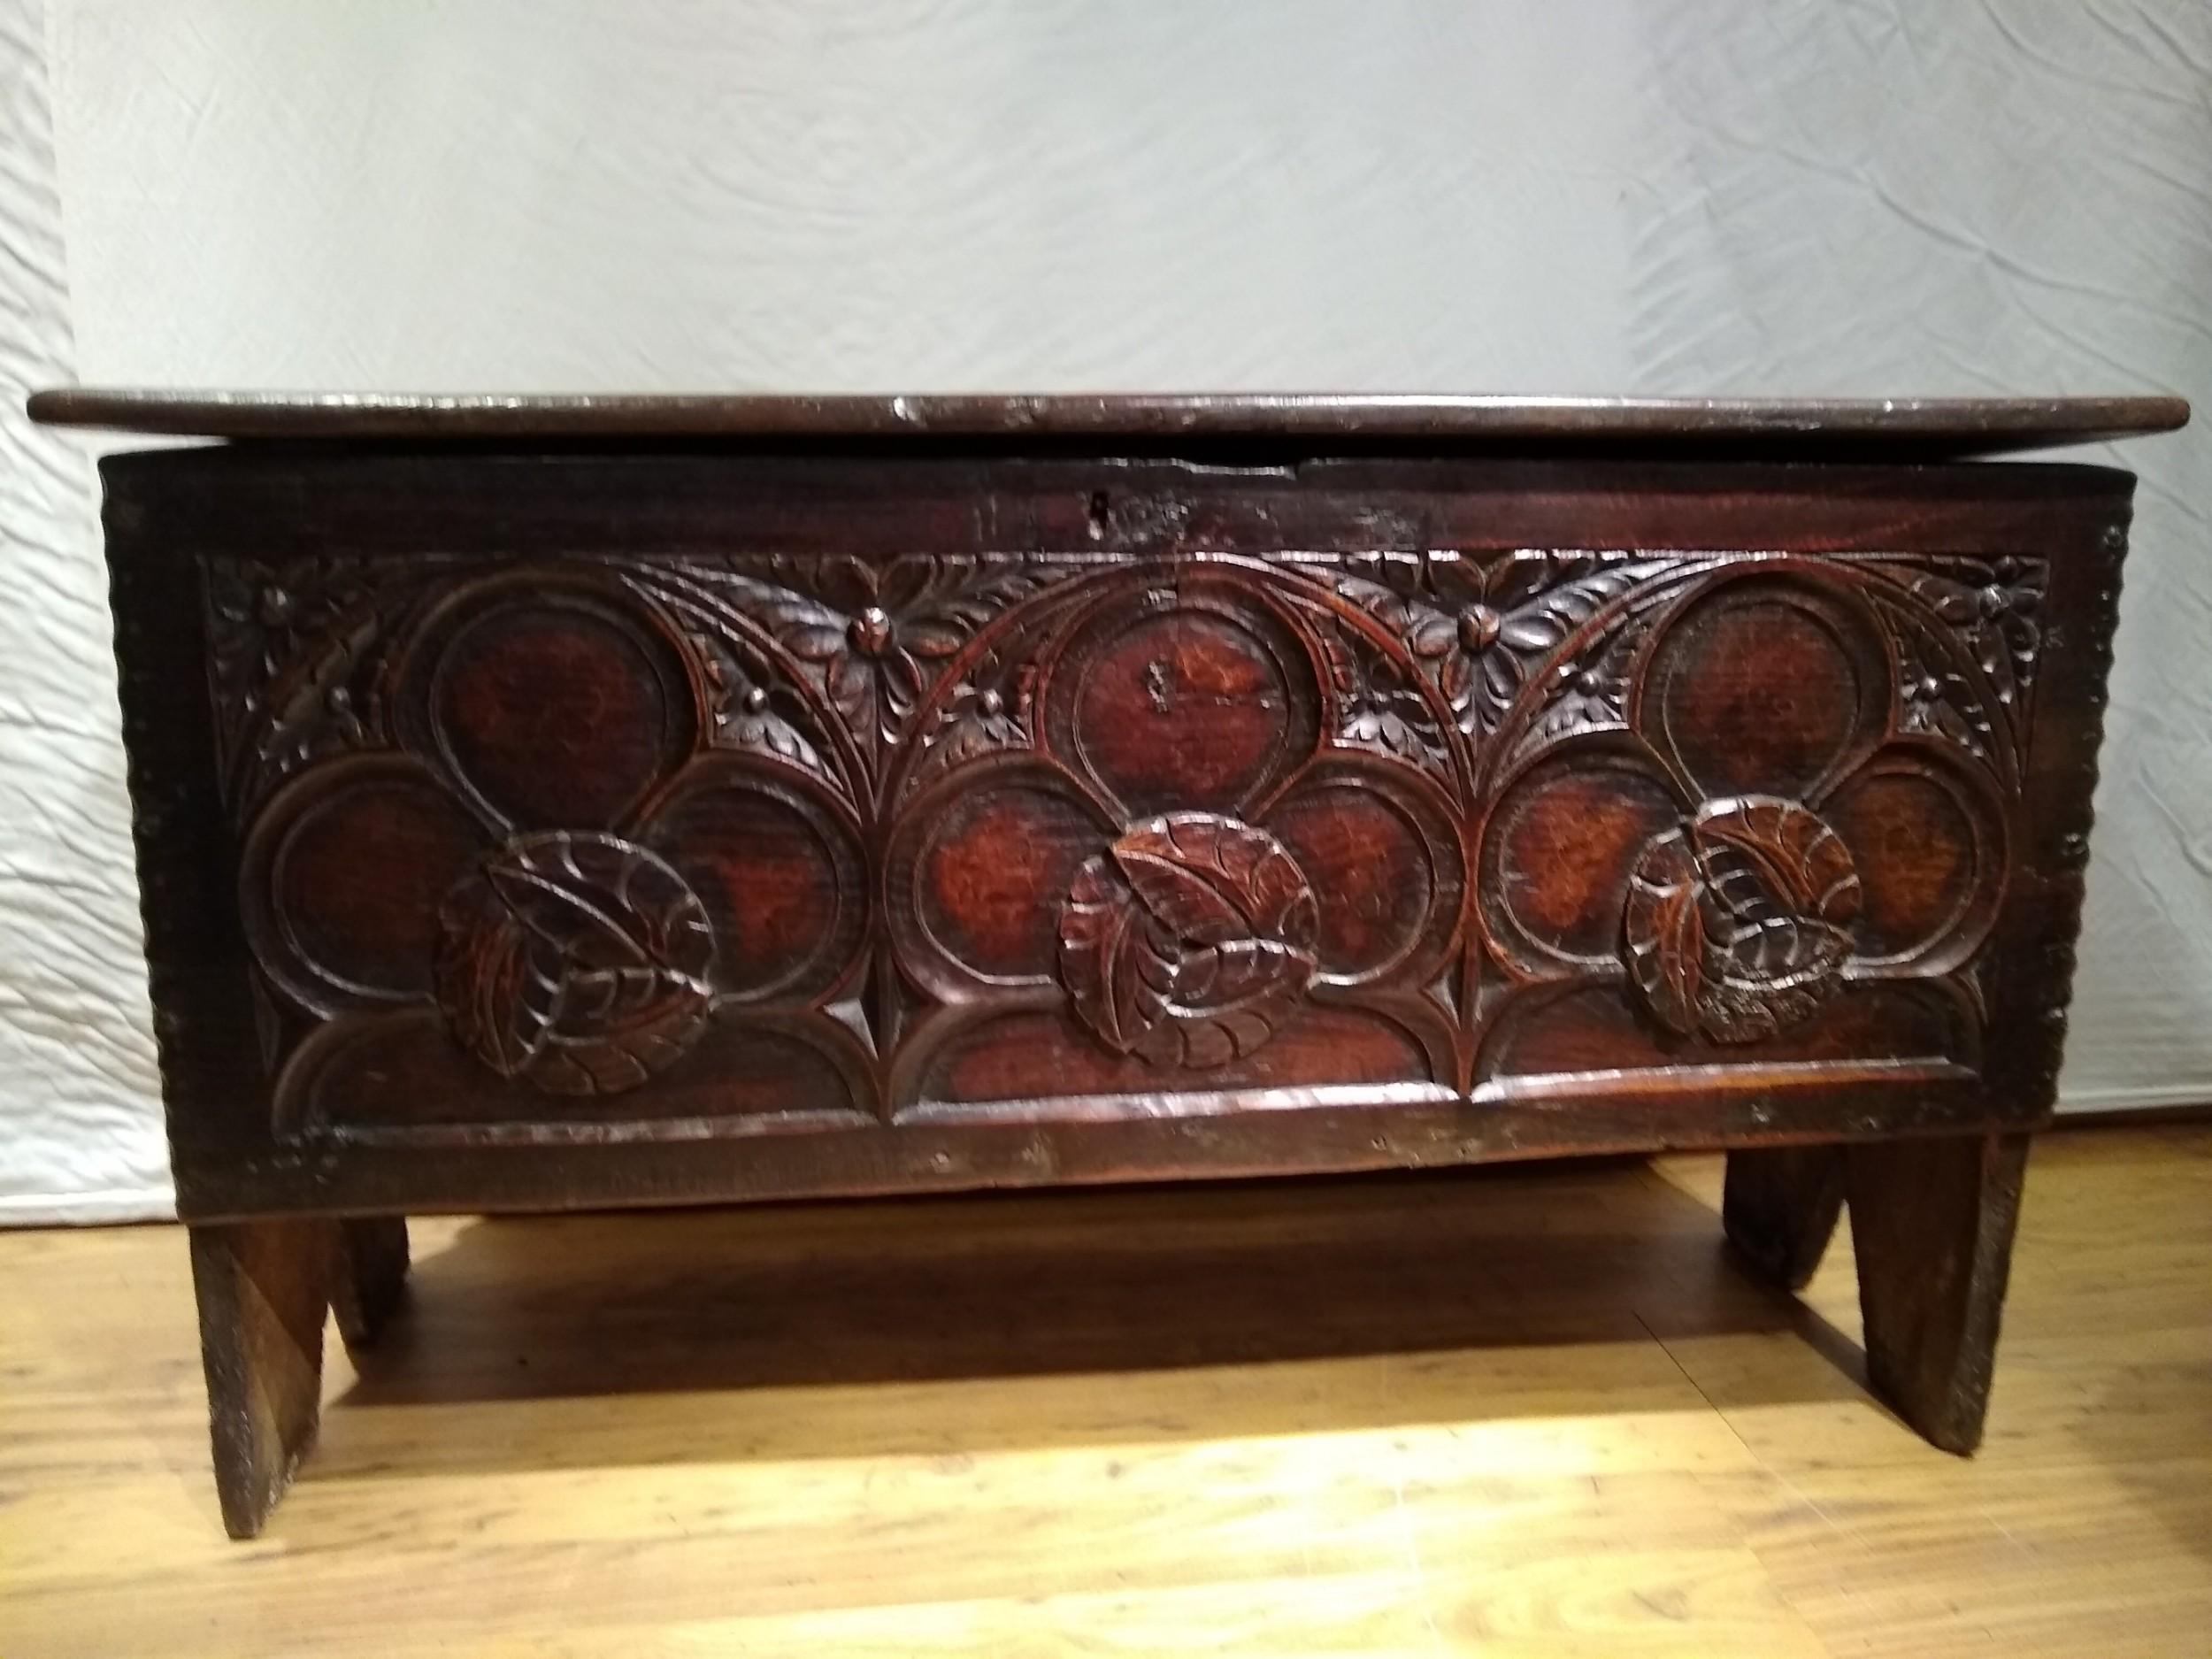 16th century oak plank coffer